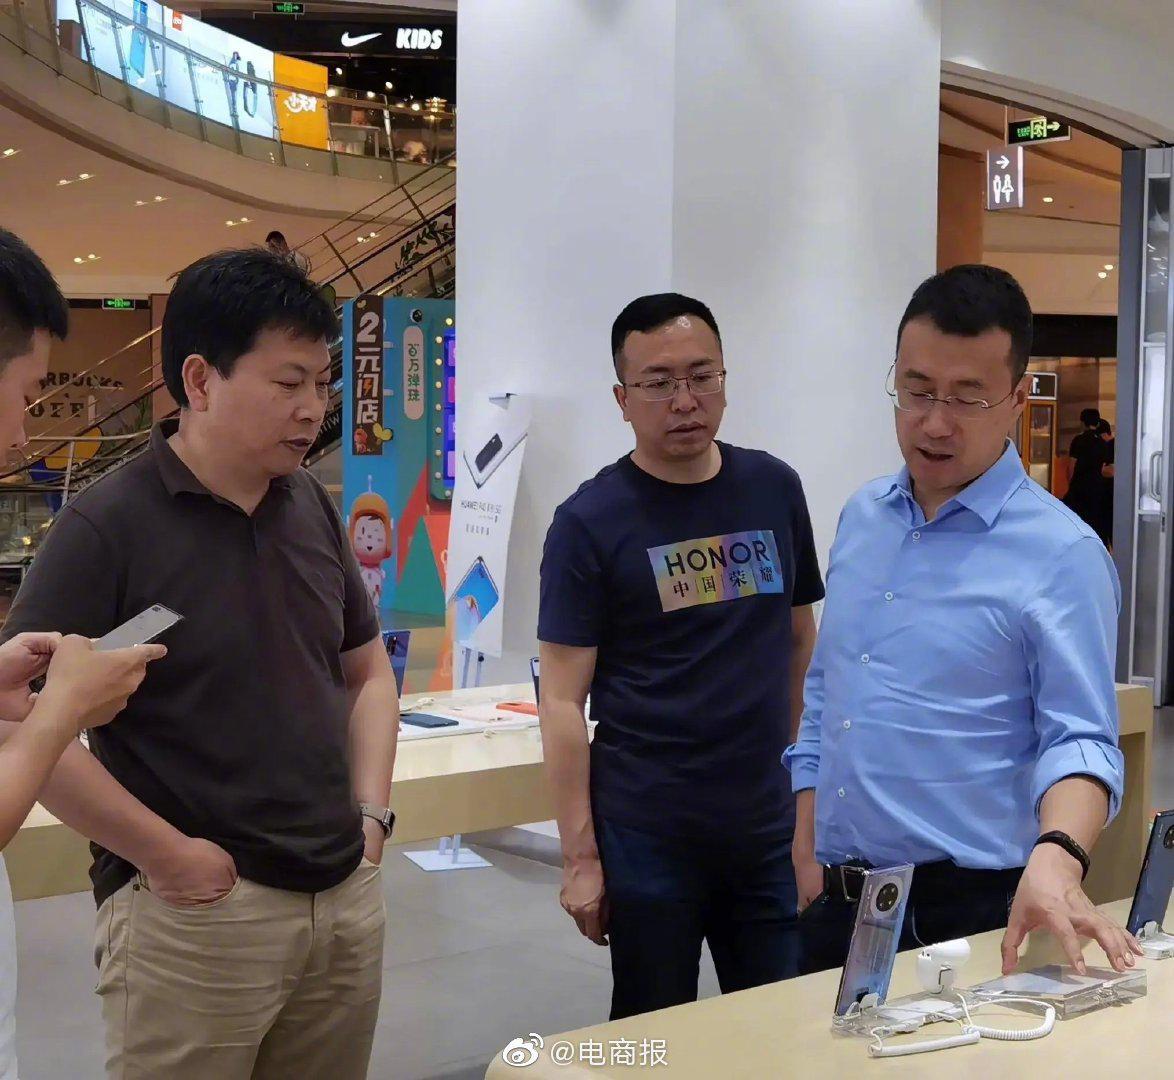 近日,余承东、赵明和何刚三位大佬一同现身线下手机门店……